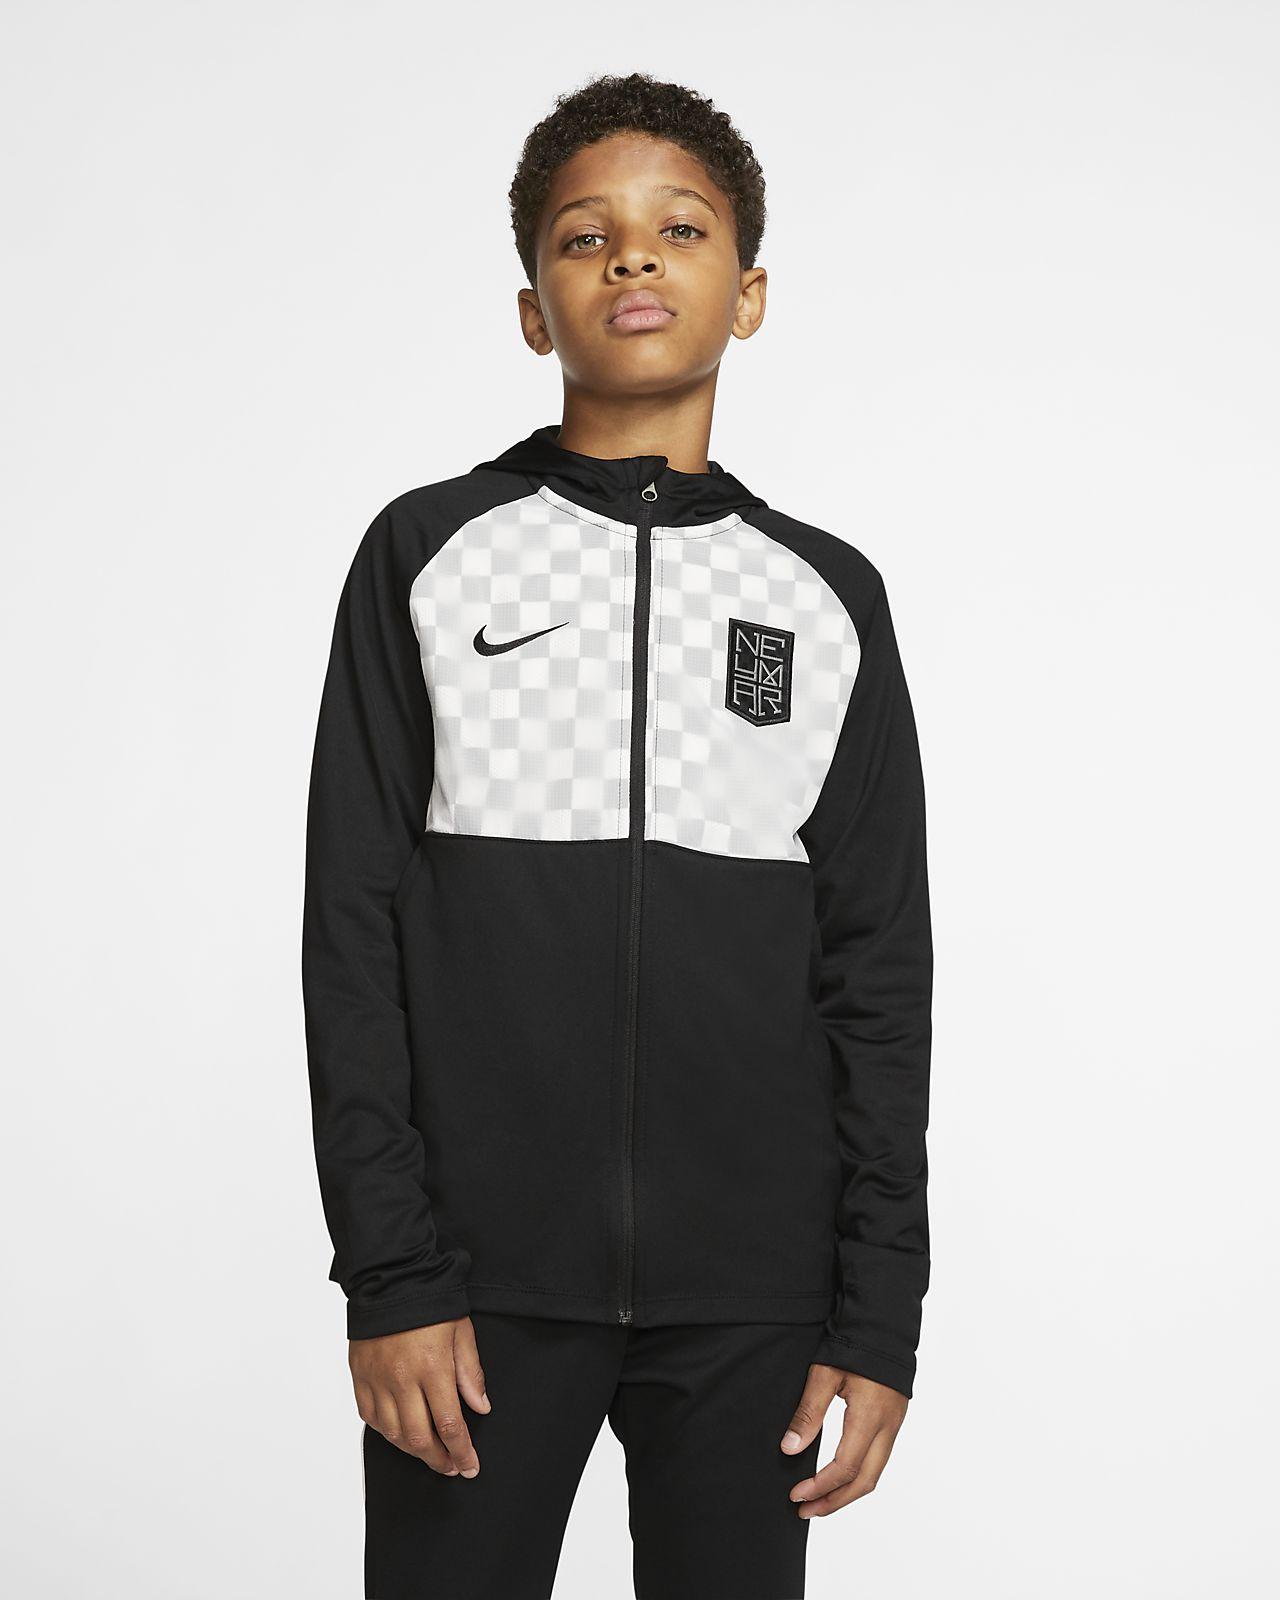 Fotbalová bunda Nike Dri-FIT Neymar Jr. pro větší děti